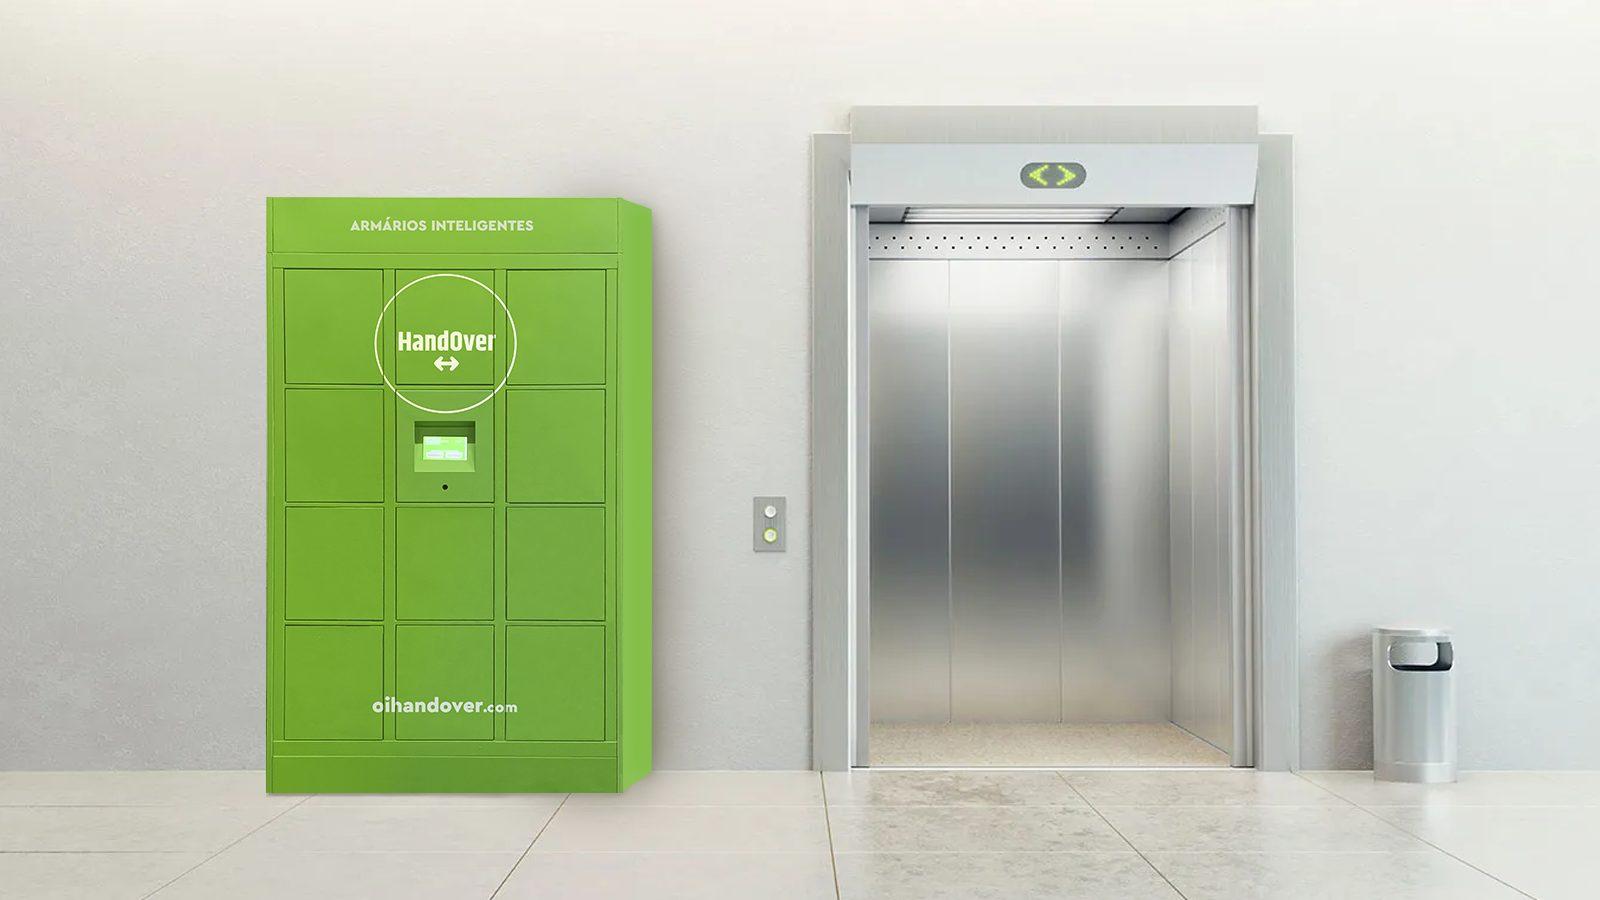 Caixa postal inteligente para condomínios: conheça as vantagens